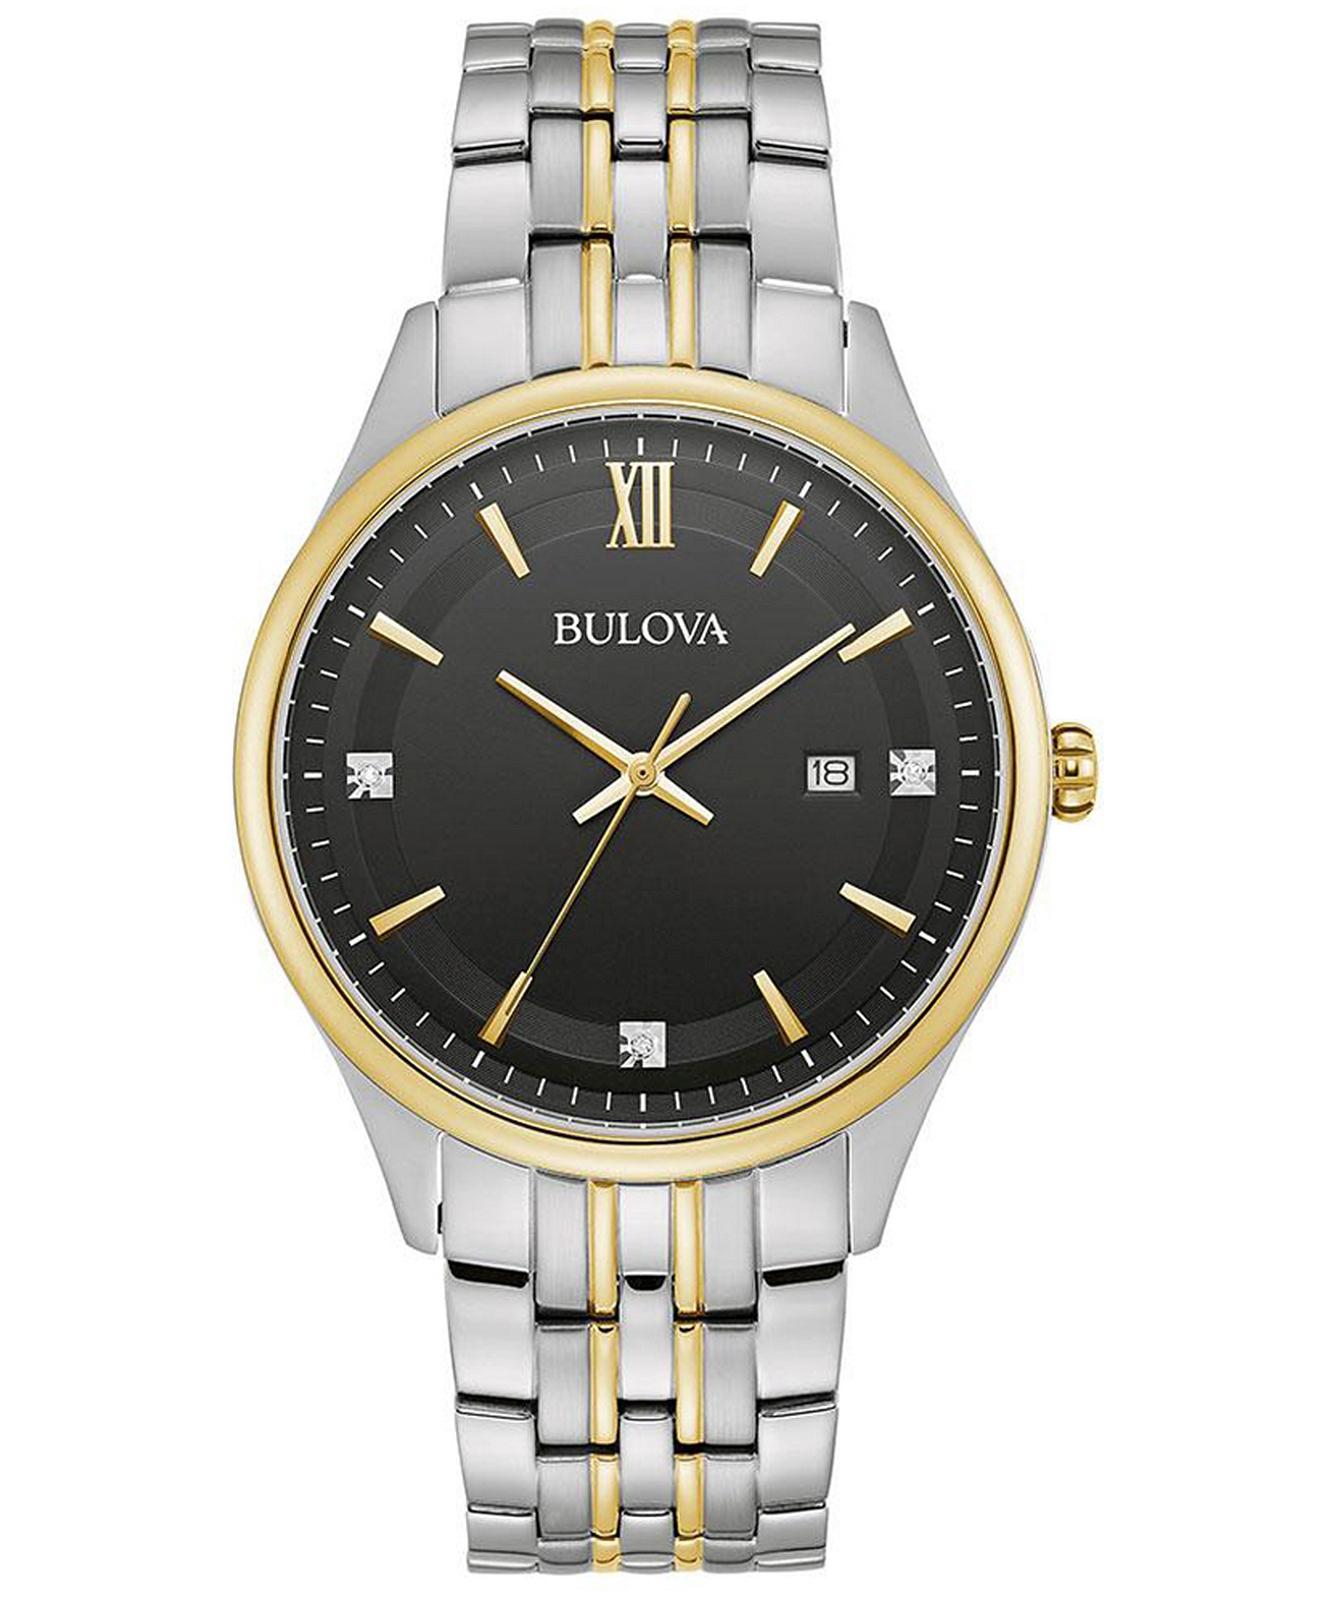 zegarek meski bulova diamond